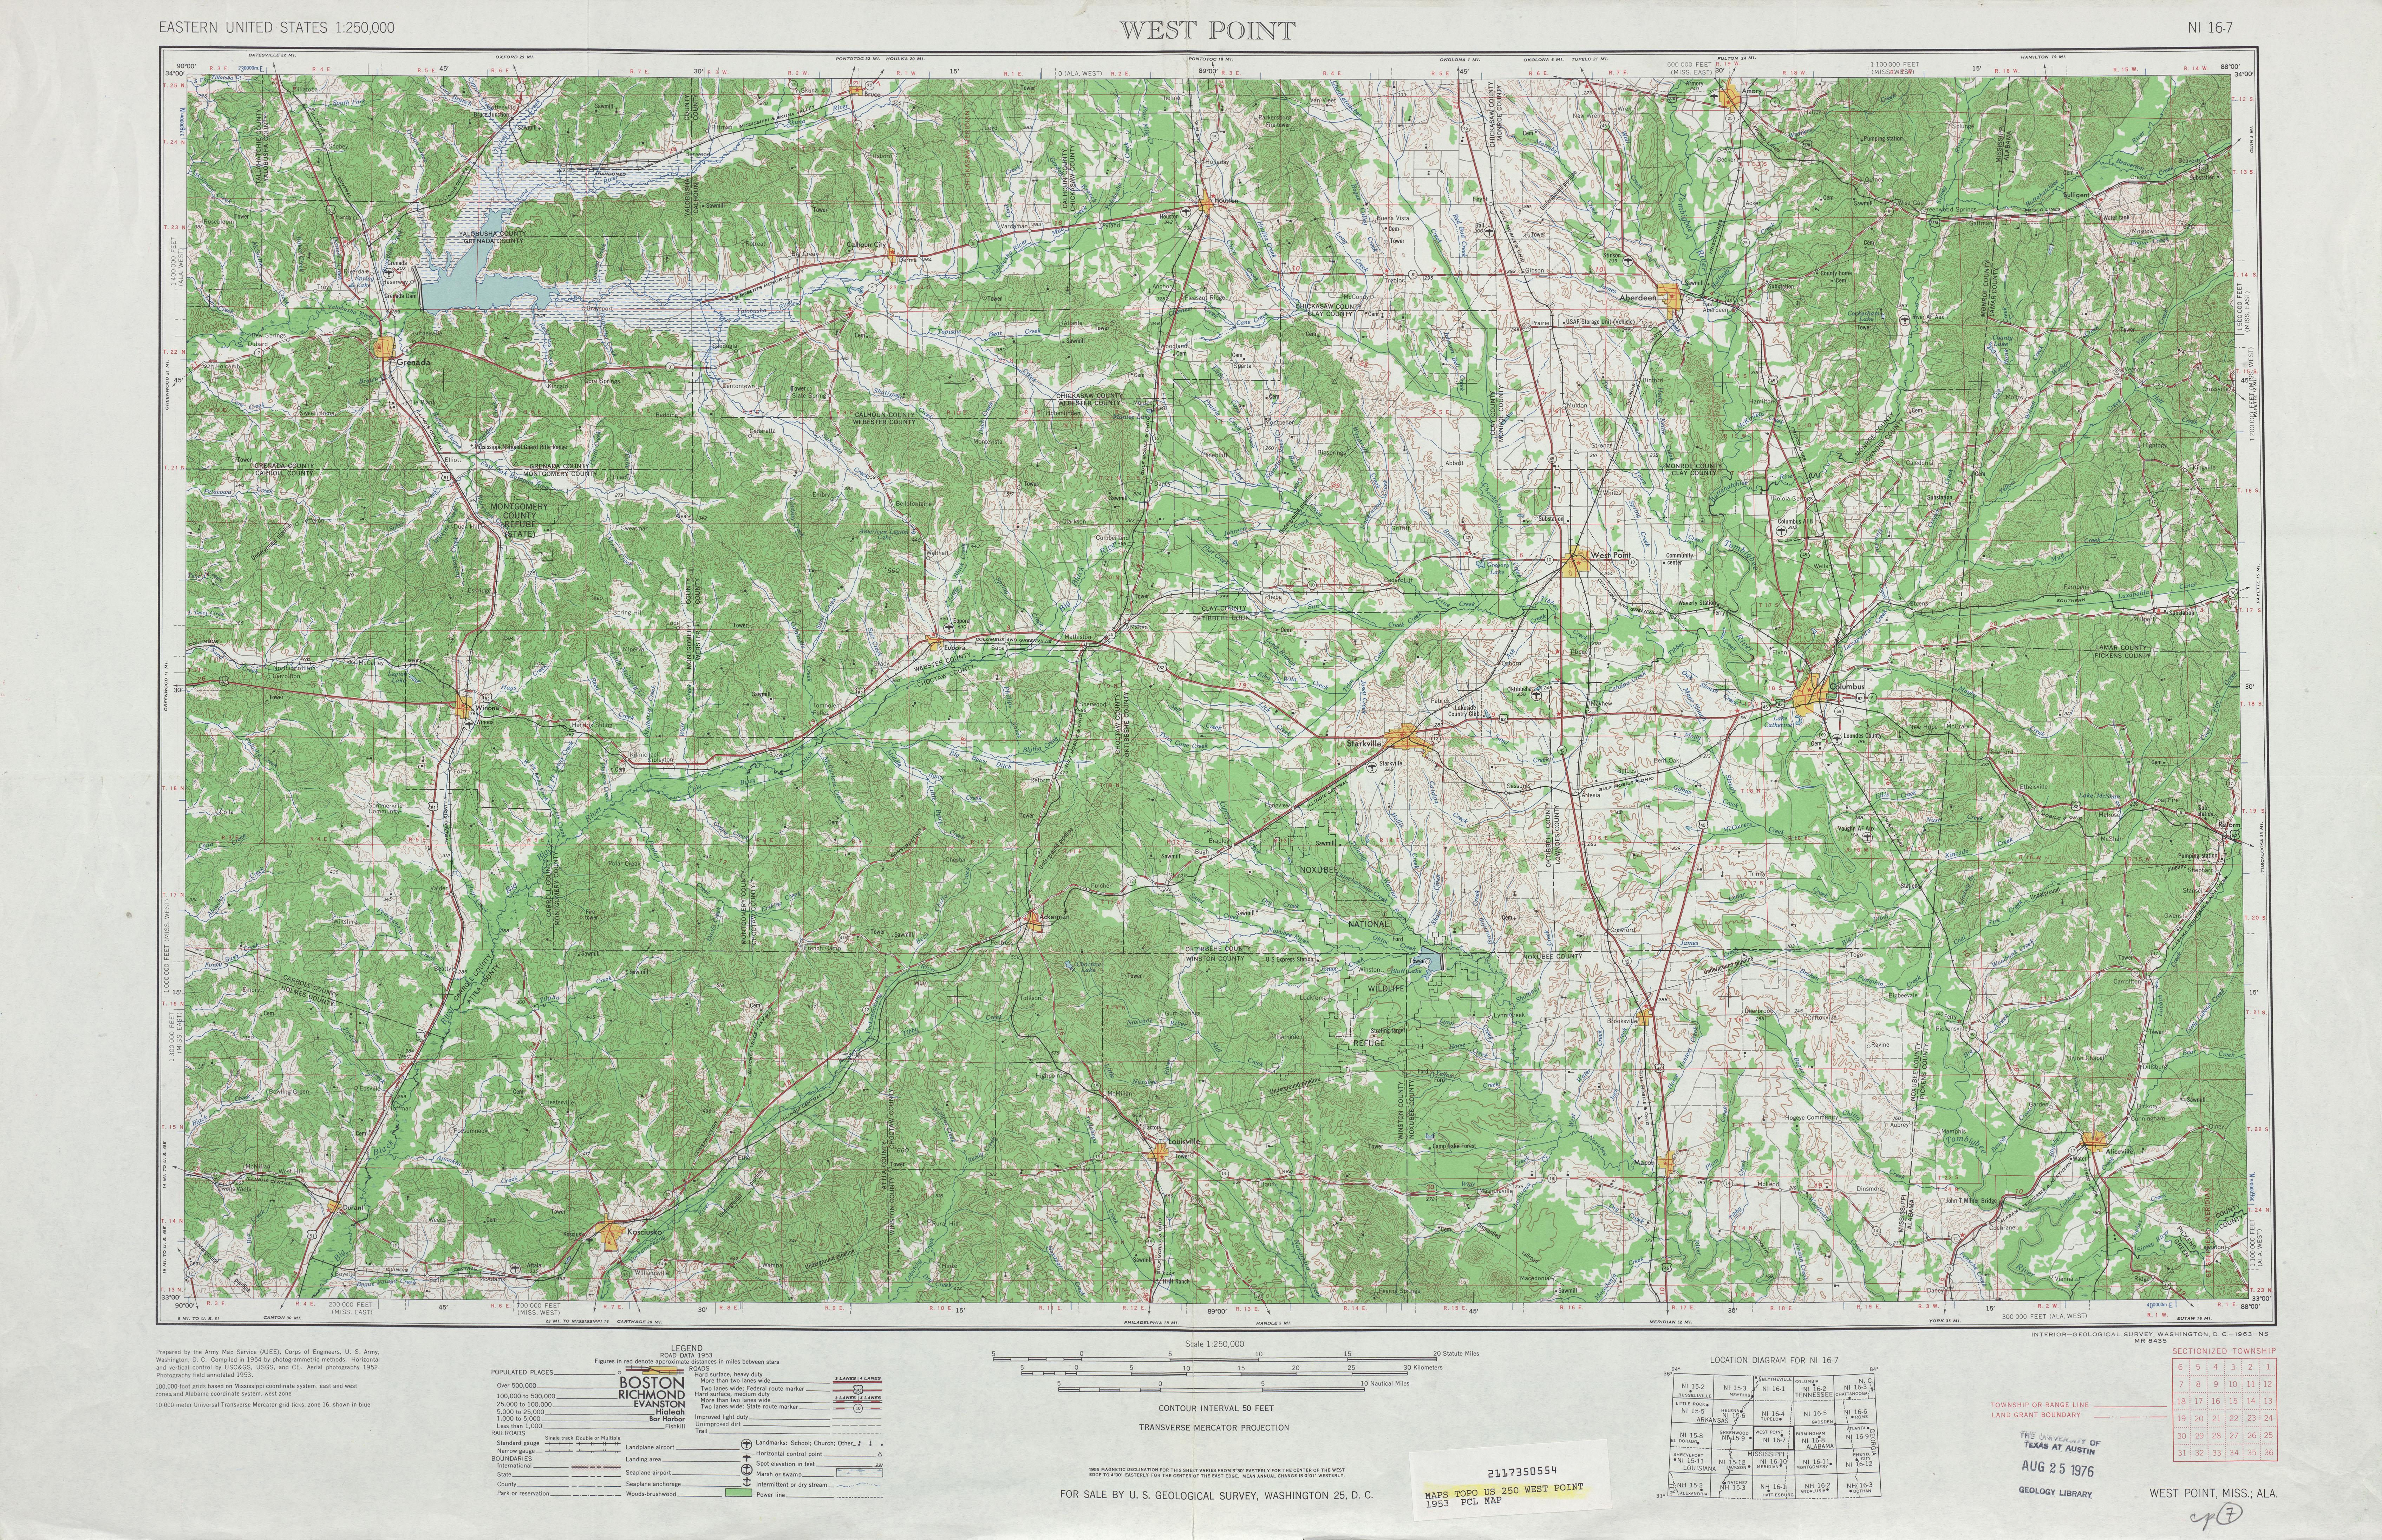 Hoja West Point del Mapa Topográfico de los Estados Unidos 1953